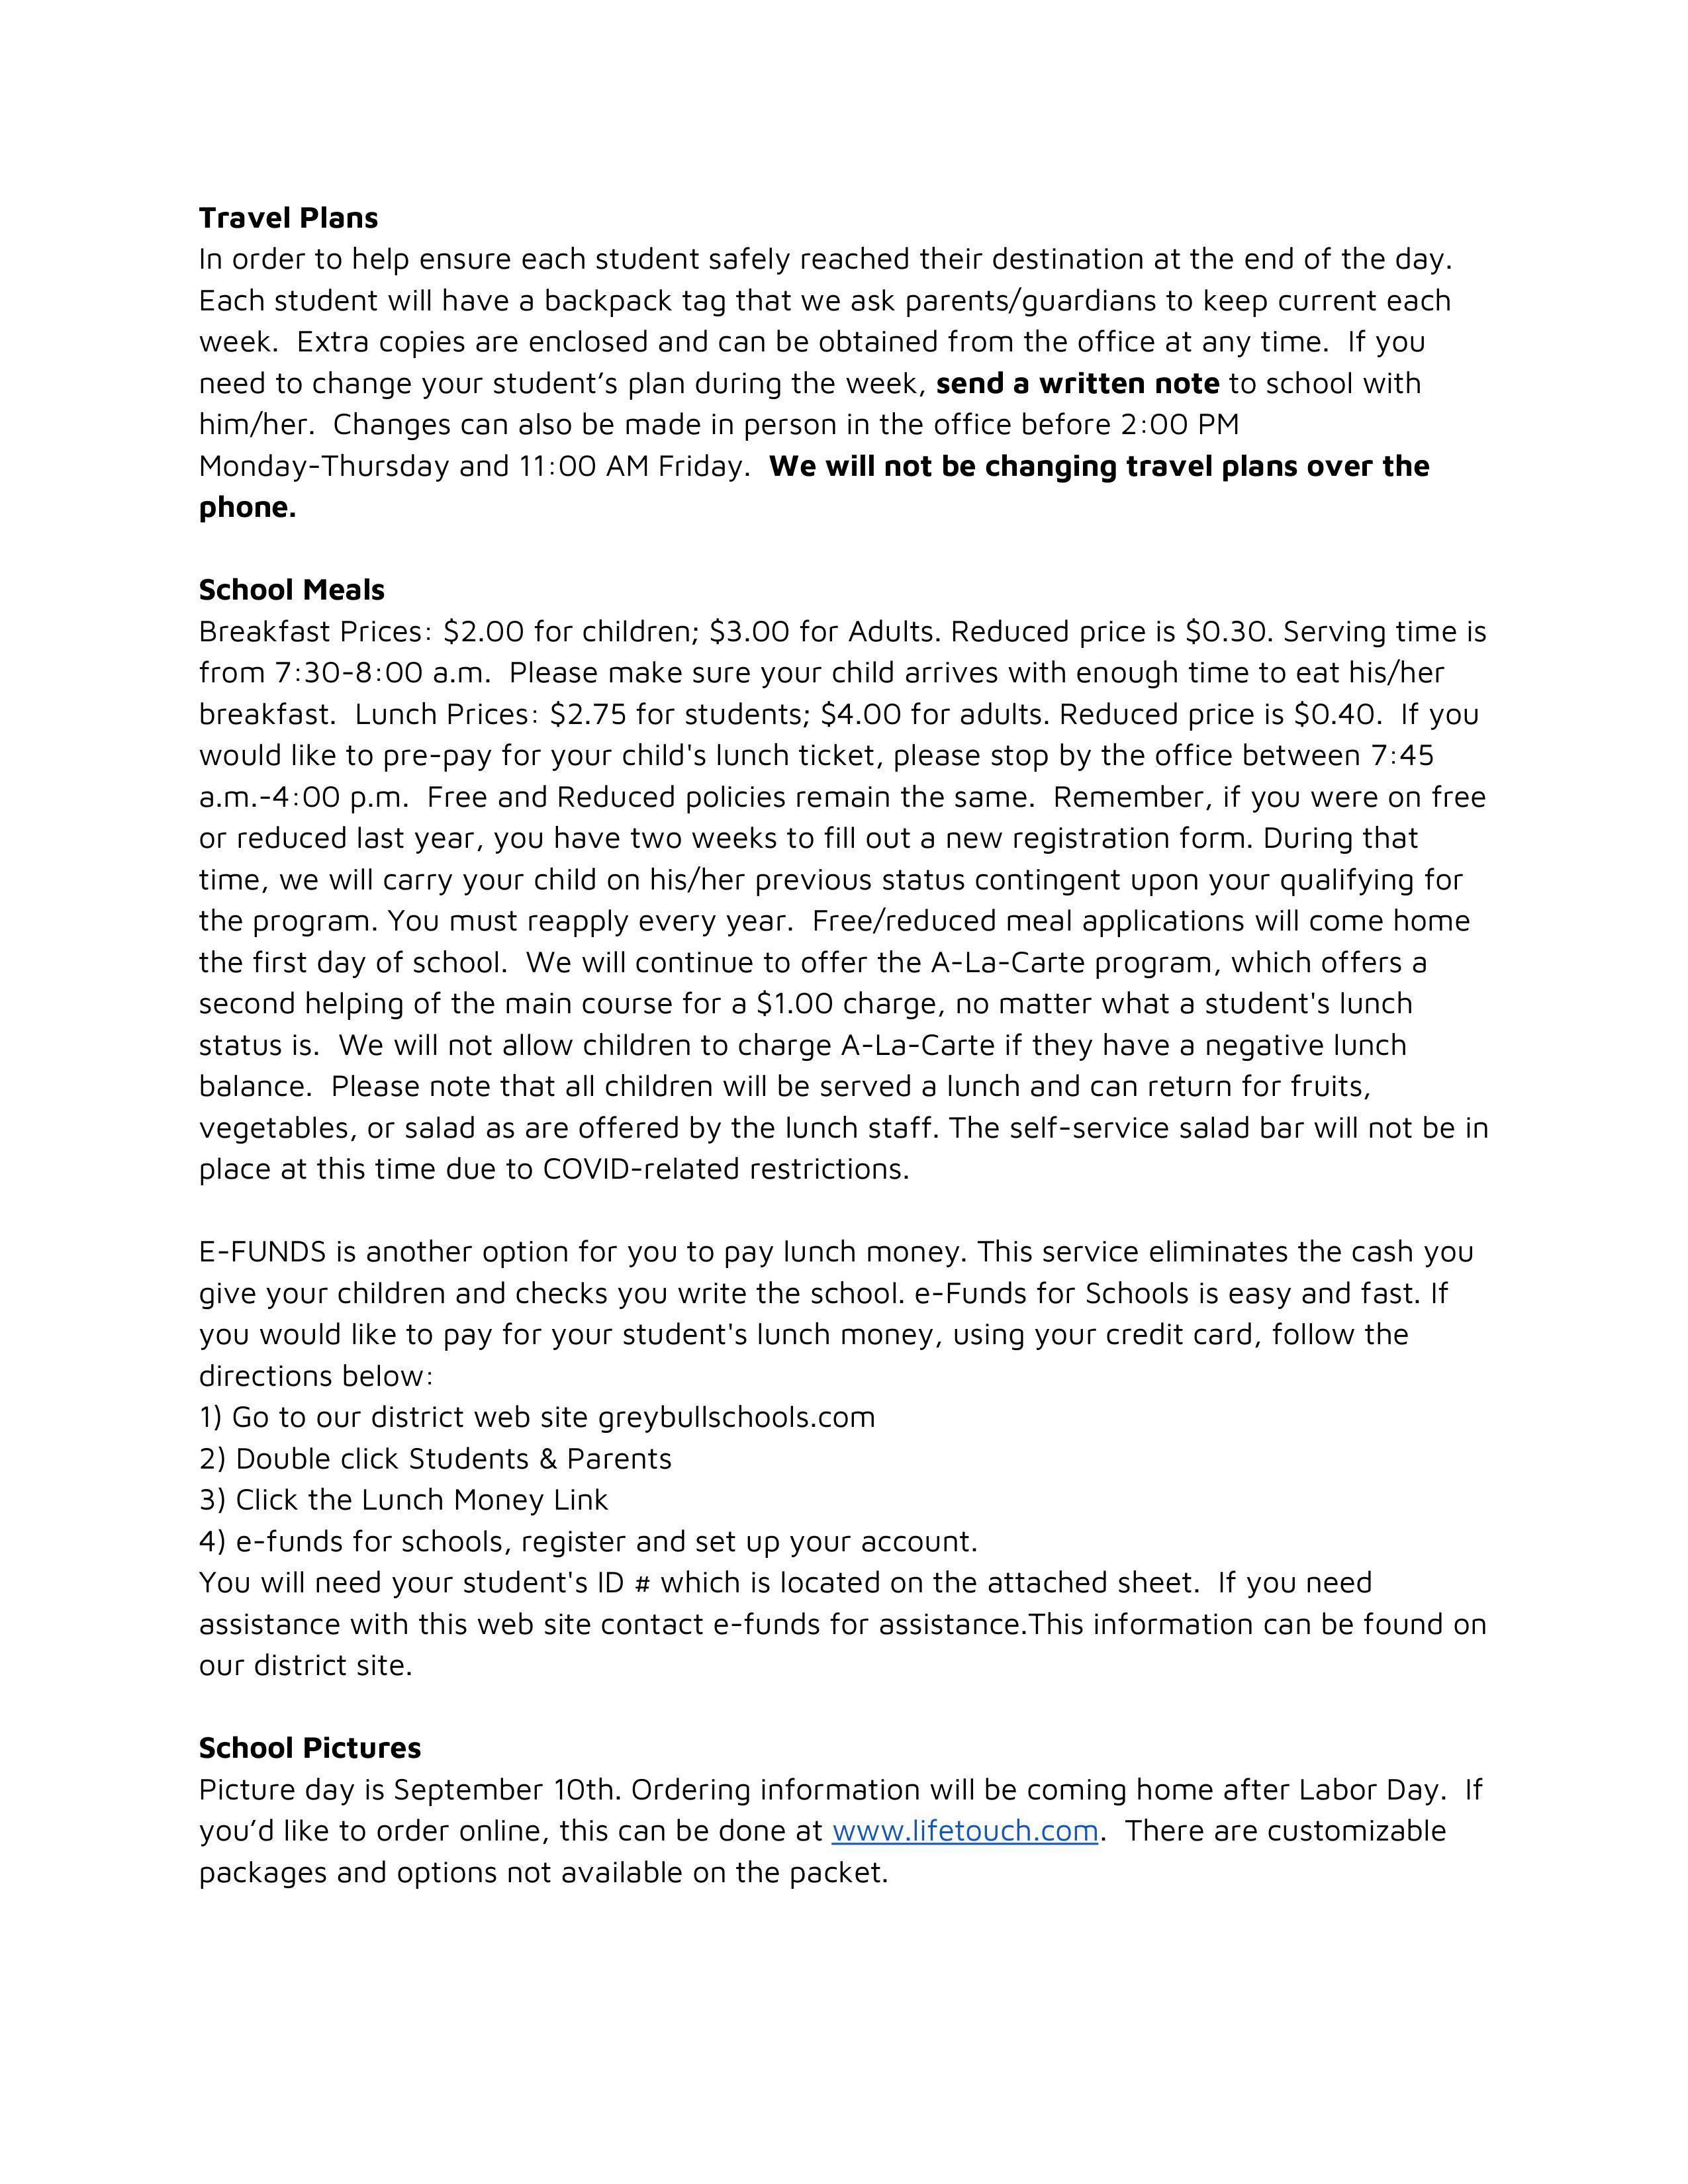 Parent Letter Page 2